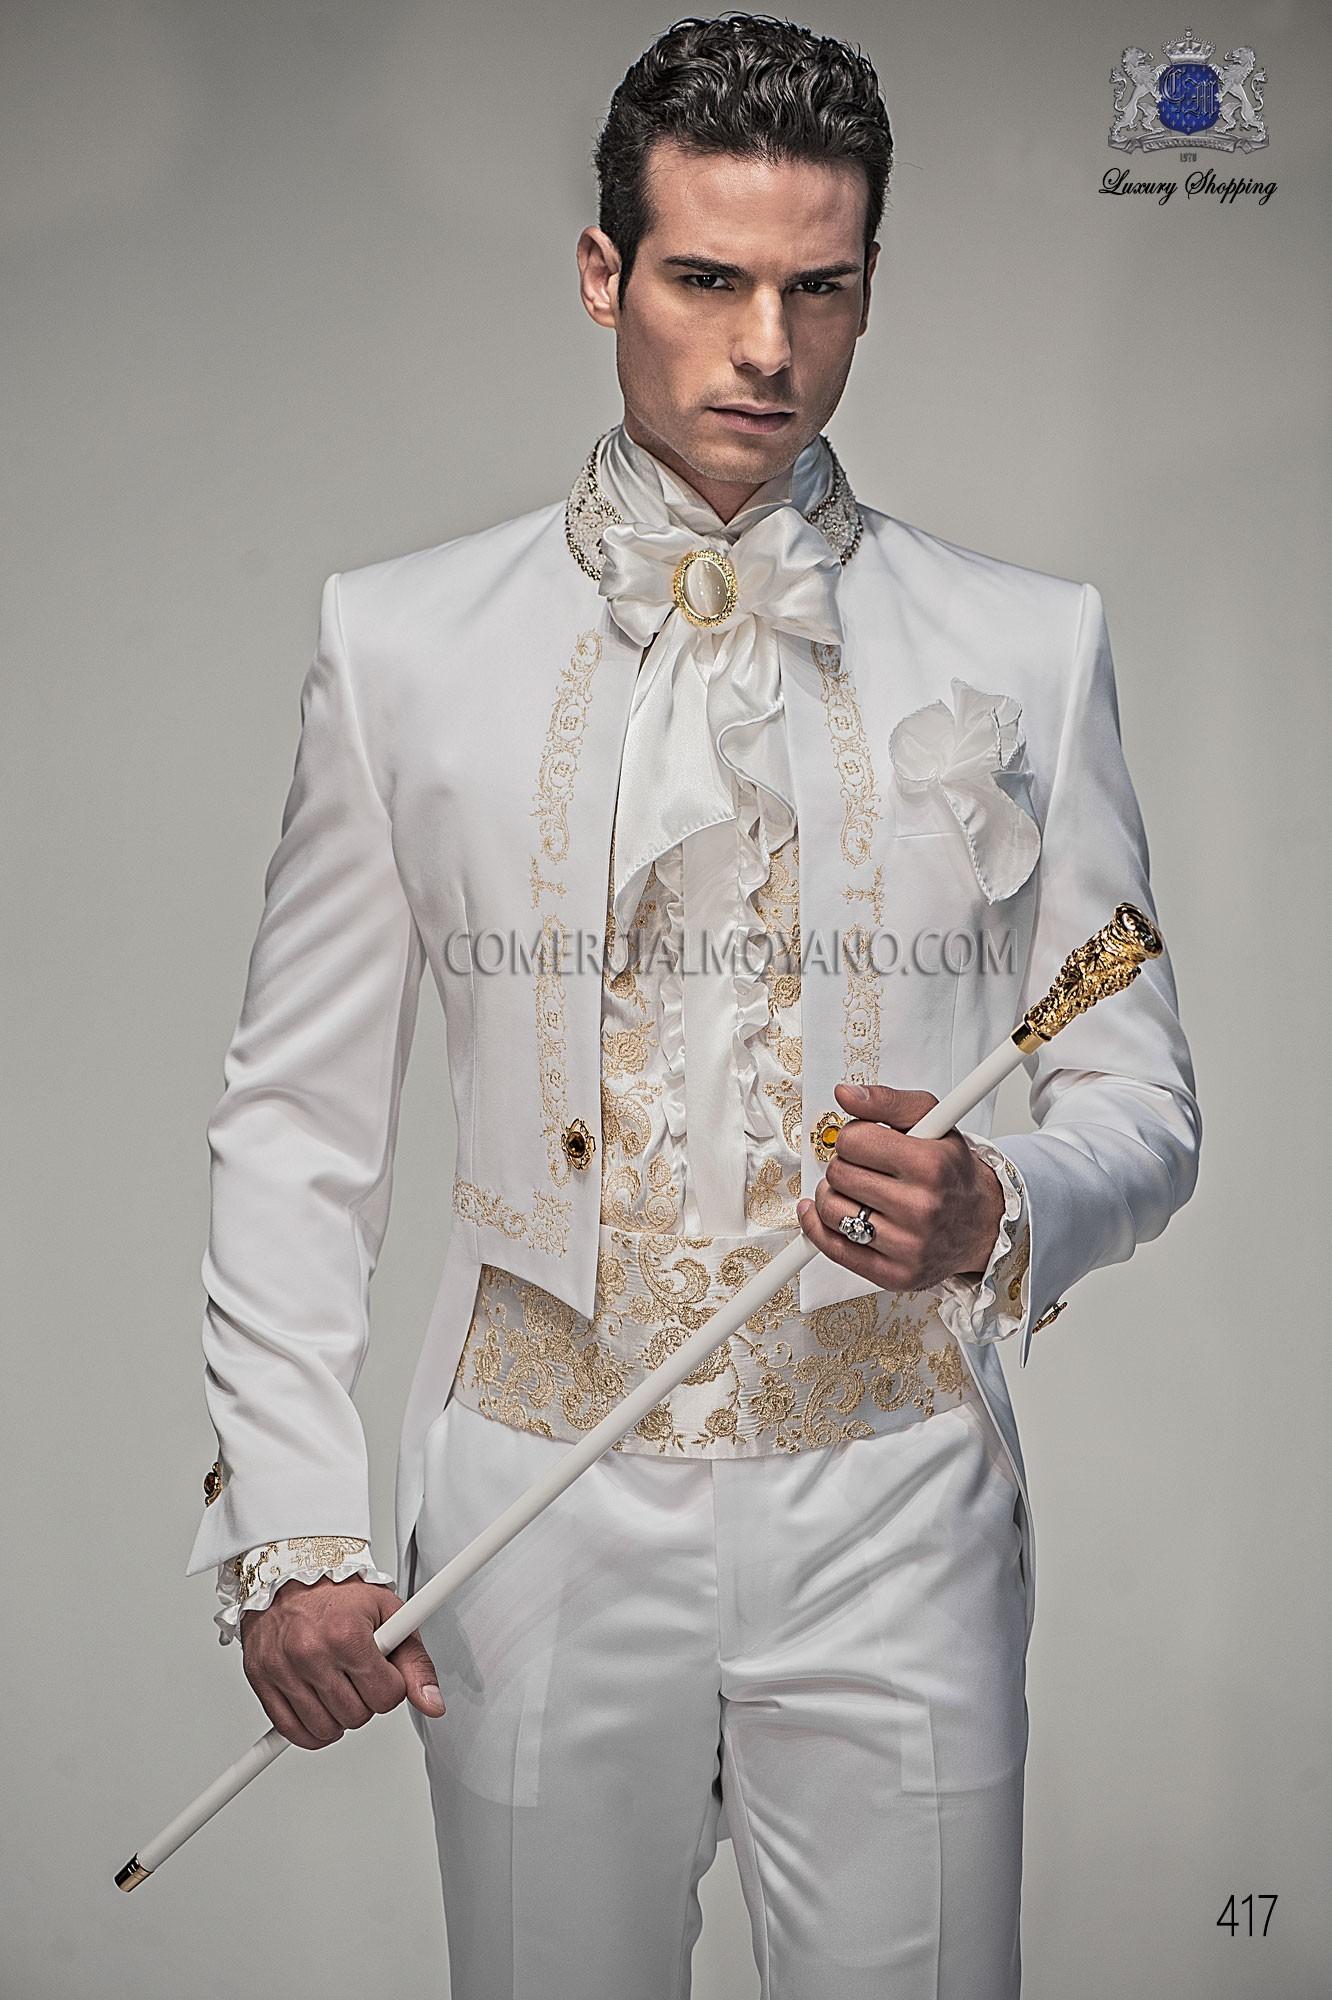 Traje de novio barroco blanco modelo: 417 Ottavio Nuccio Gala colección Barroco